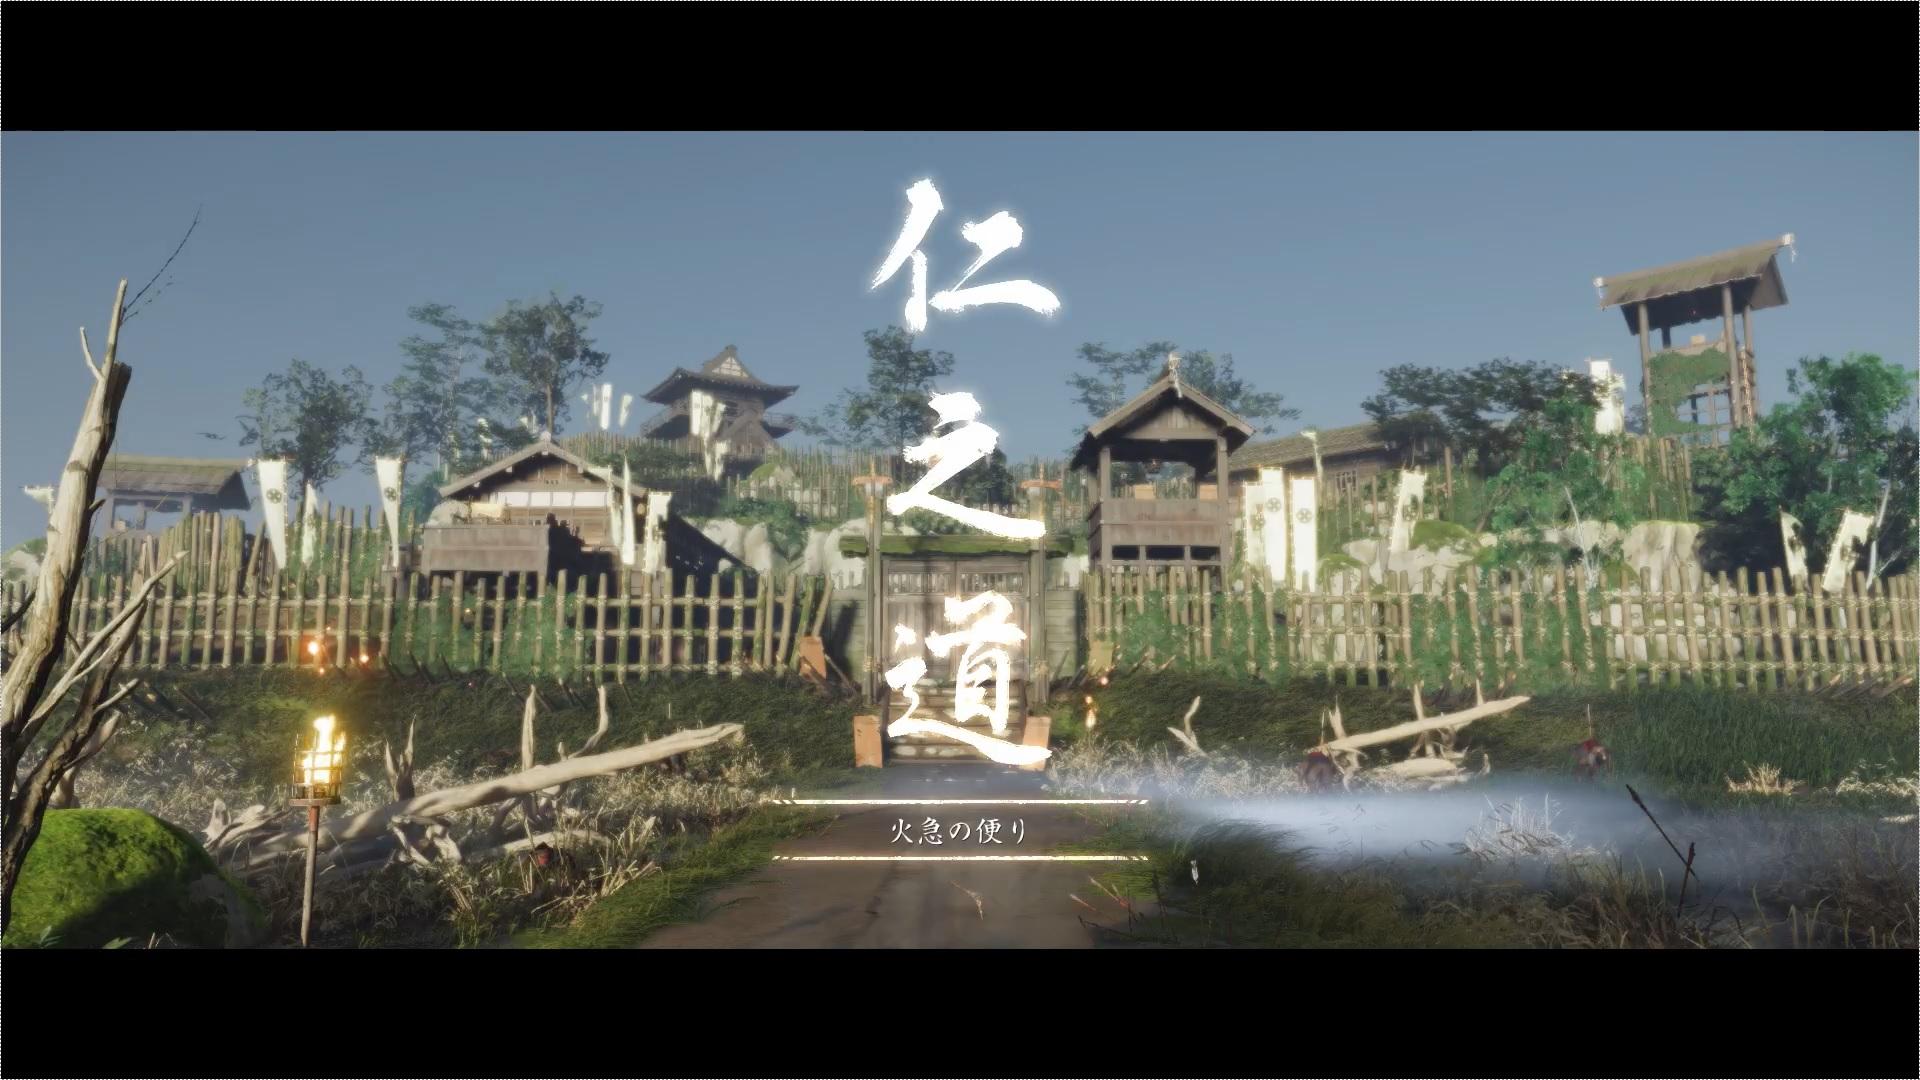 Ghost of Tsushima プレイ日記9話目 / 仁之道~火急の便り~、~罰~、~對馬の行方~、~闇からの使者~、~誉れと灰~